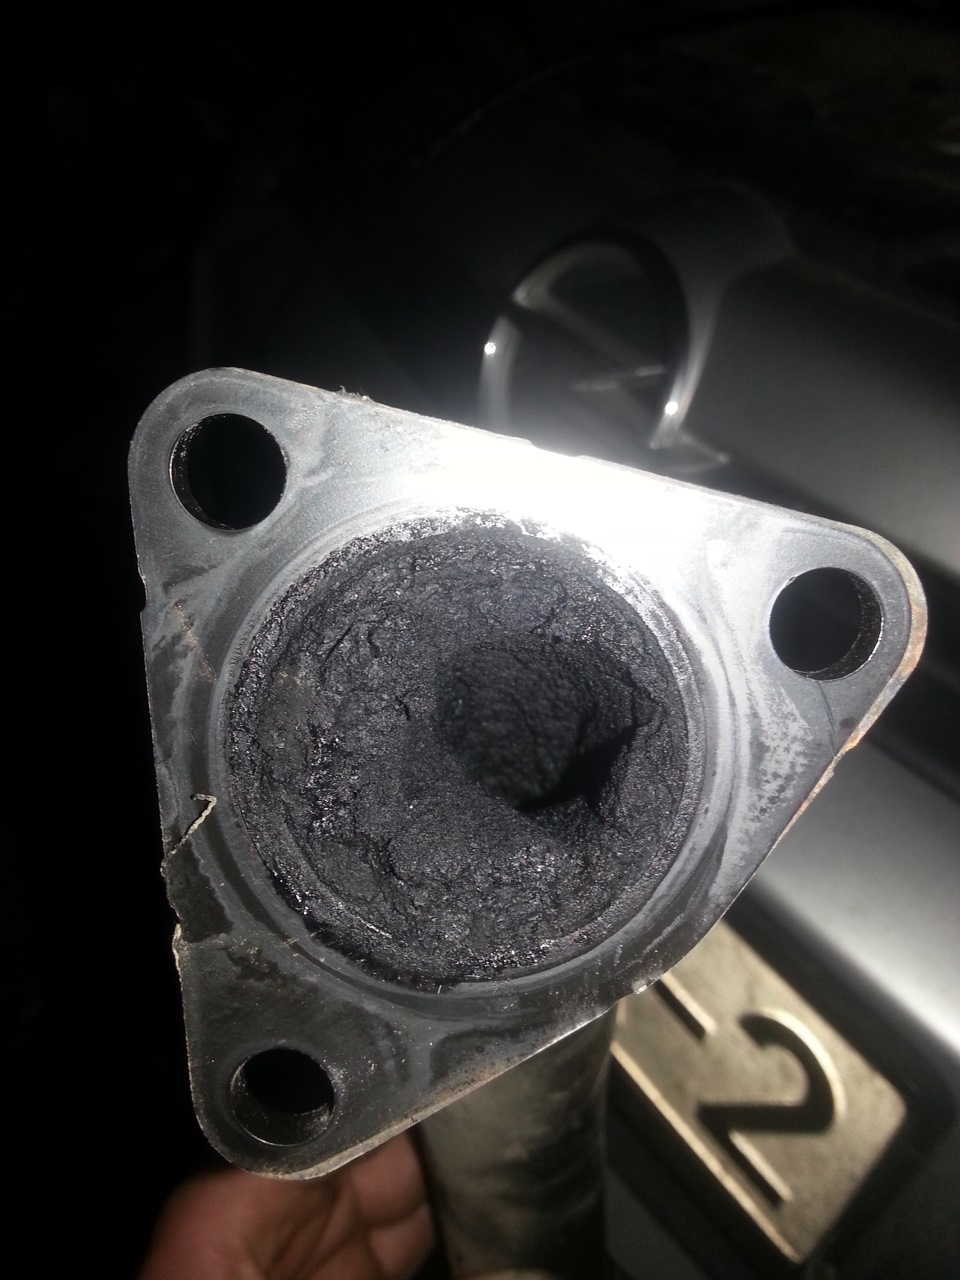 Клапан egr (exhaust gas recirculation). как почистить и заглушить